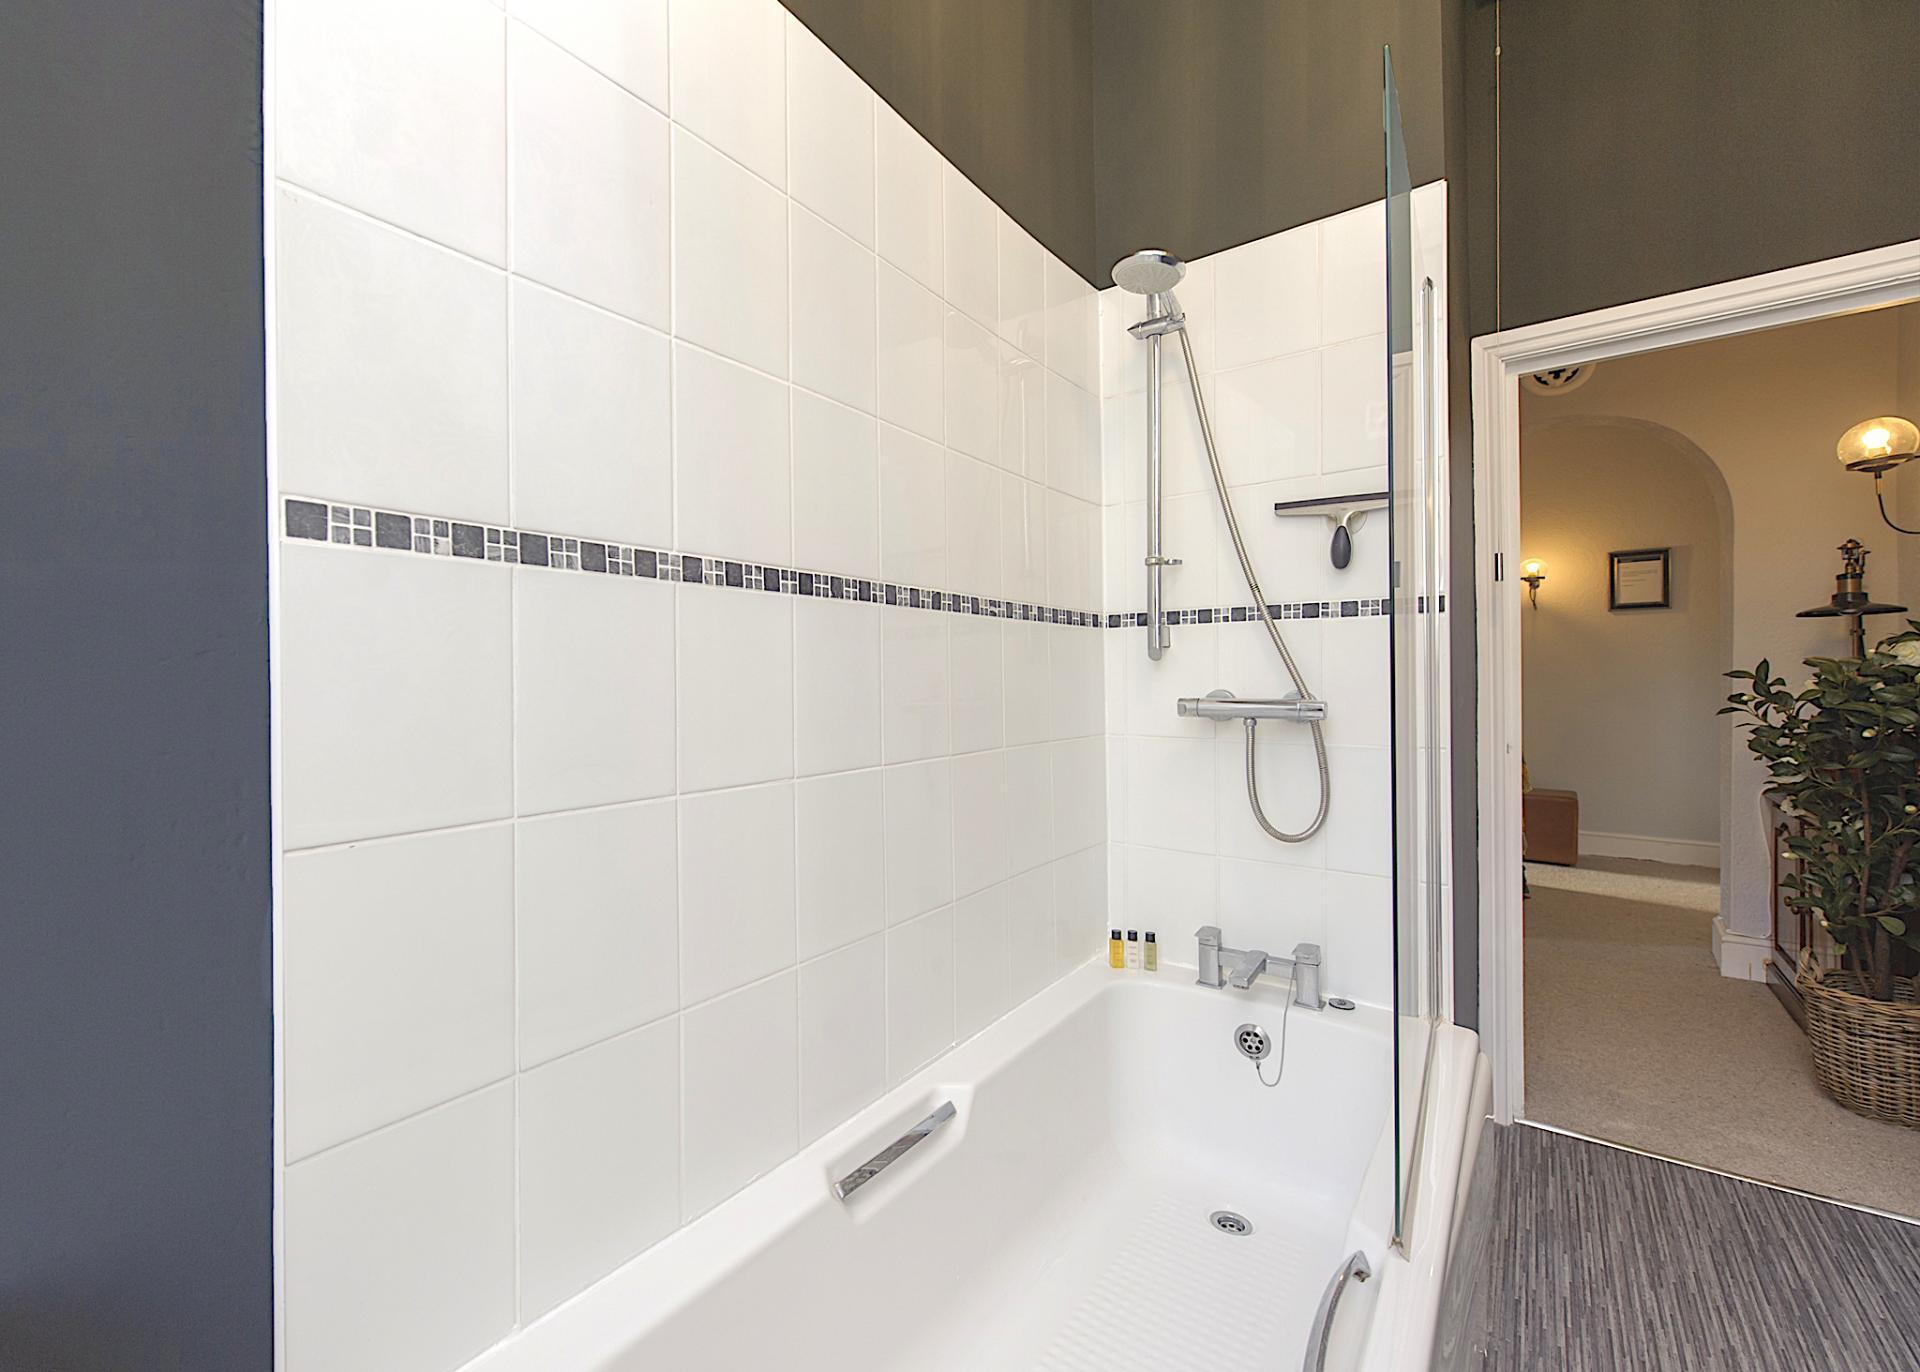 Bathroom at Nottingham Park View Apartment, Centre, Nottingham - Citybase Apartments